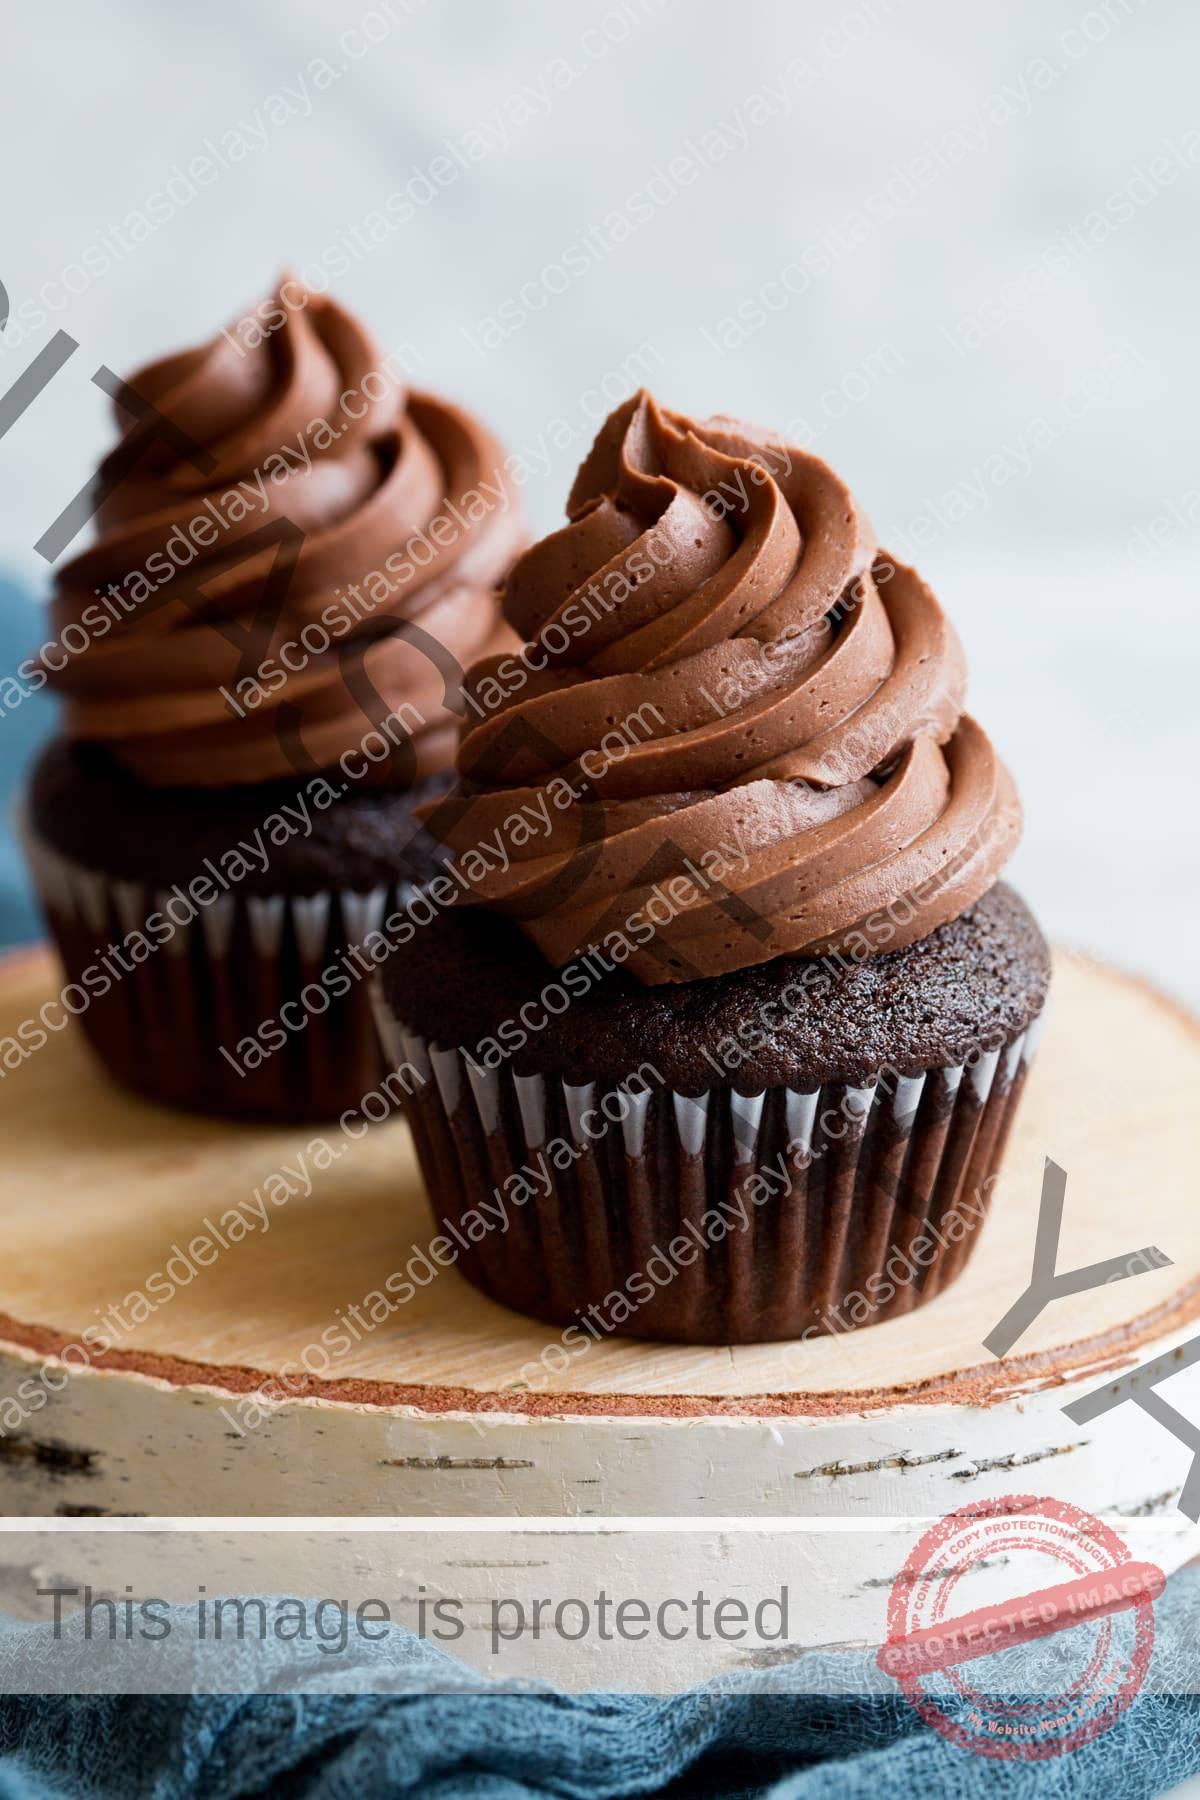 Glaseado de crema de mantequilla de chocolate sobre cupcake de chocolate